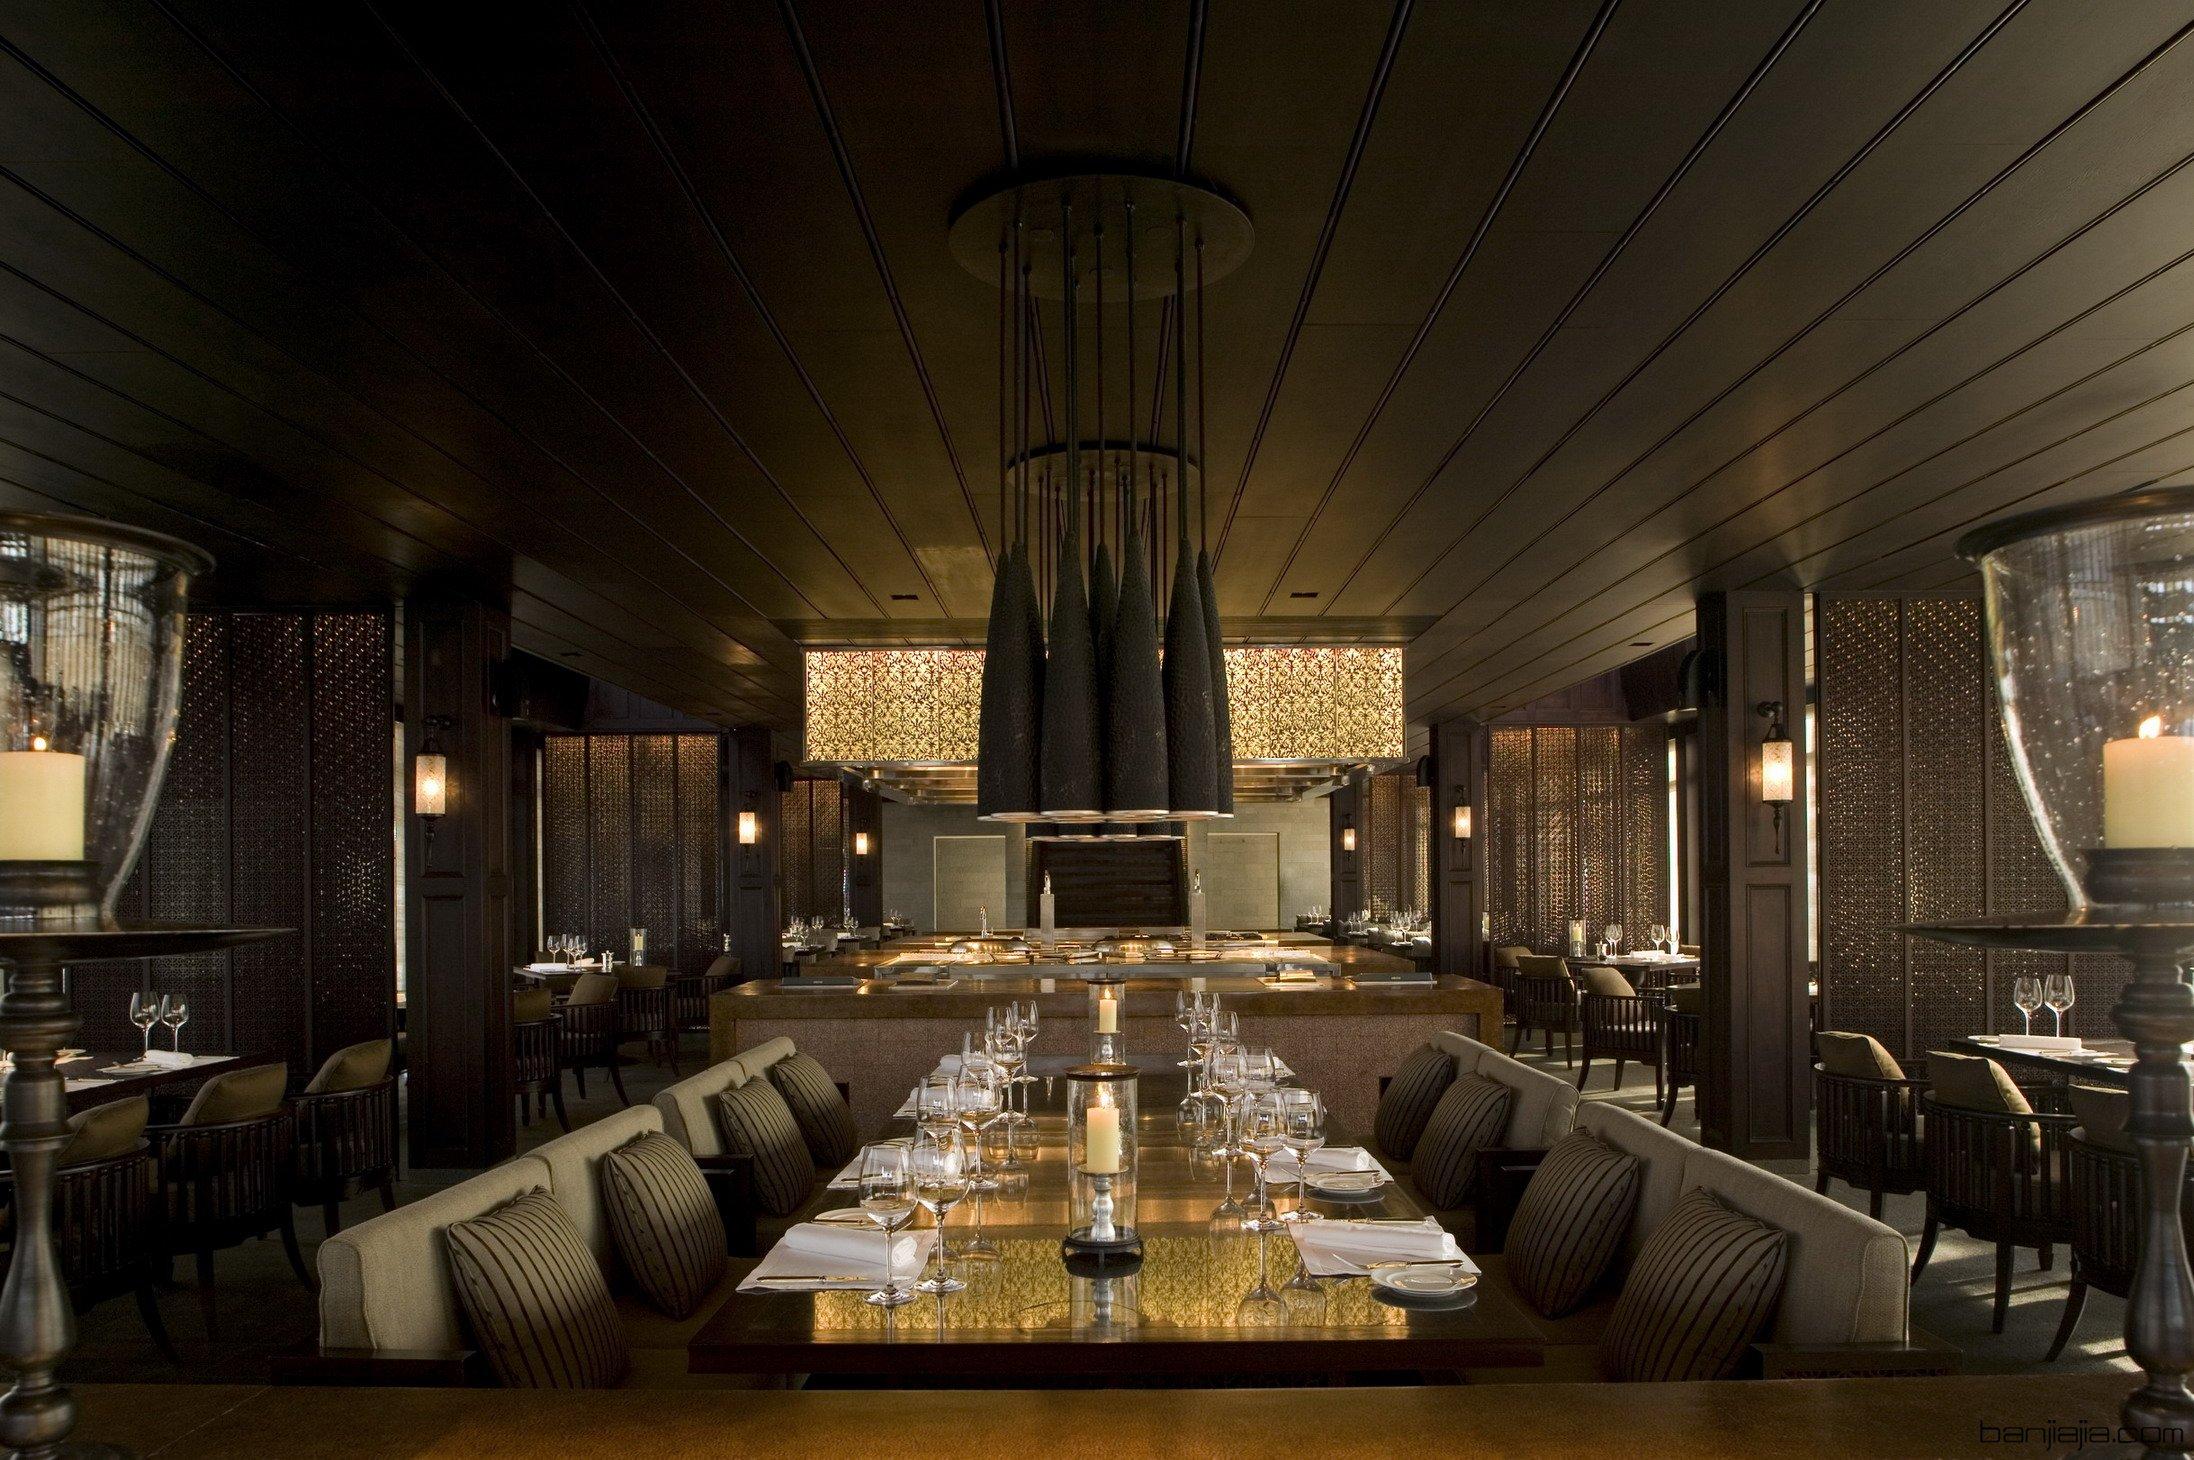 jaya-越南的酒店the nam hai 度假村-室内设计师平台图片